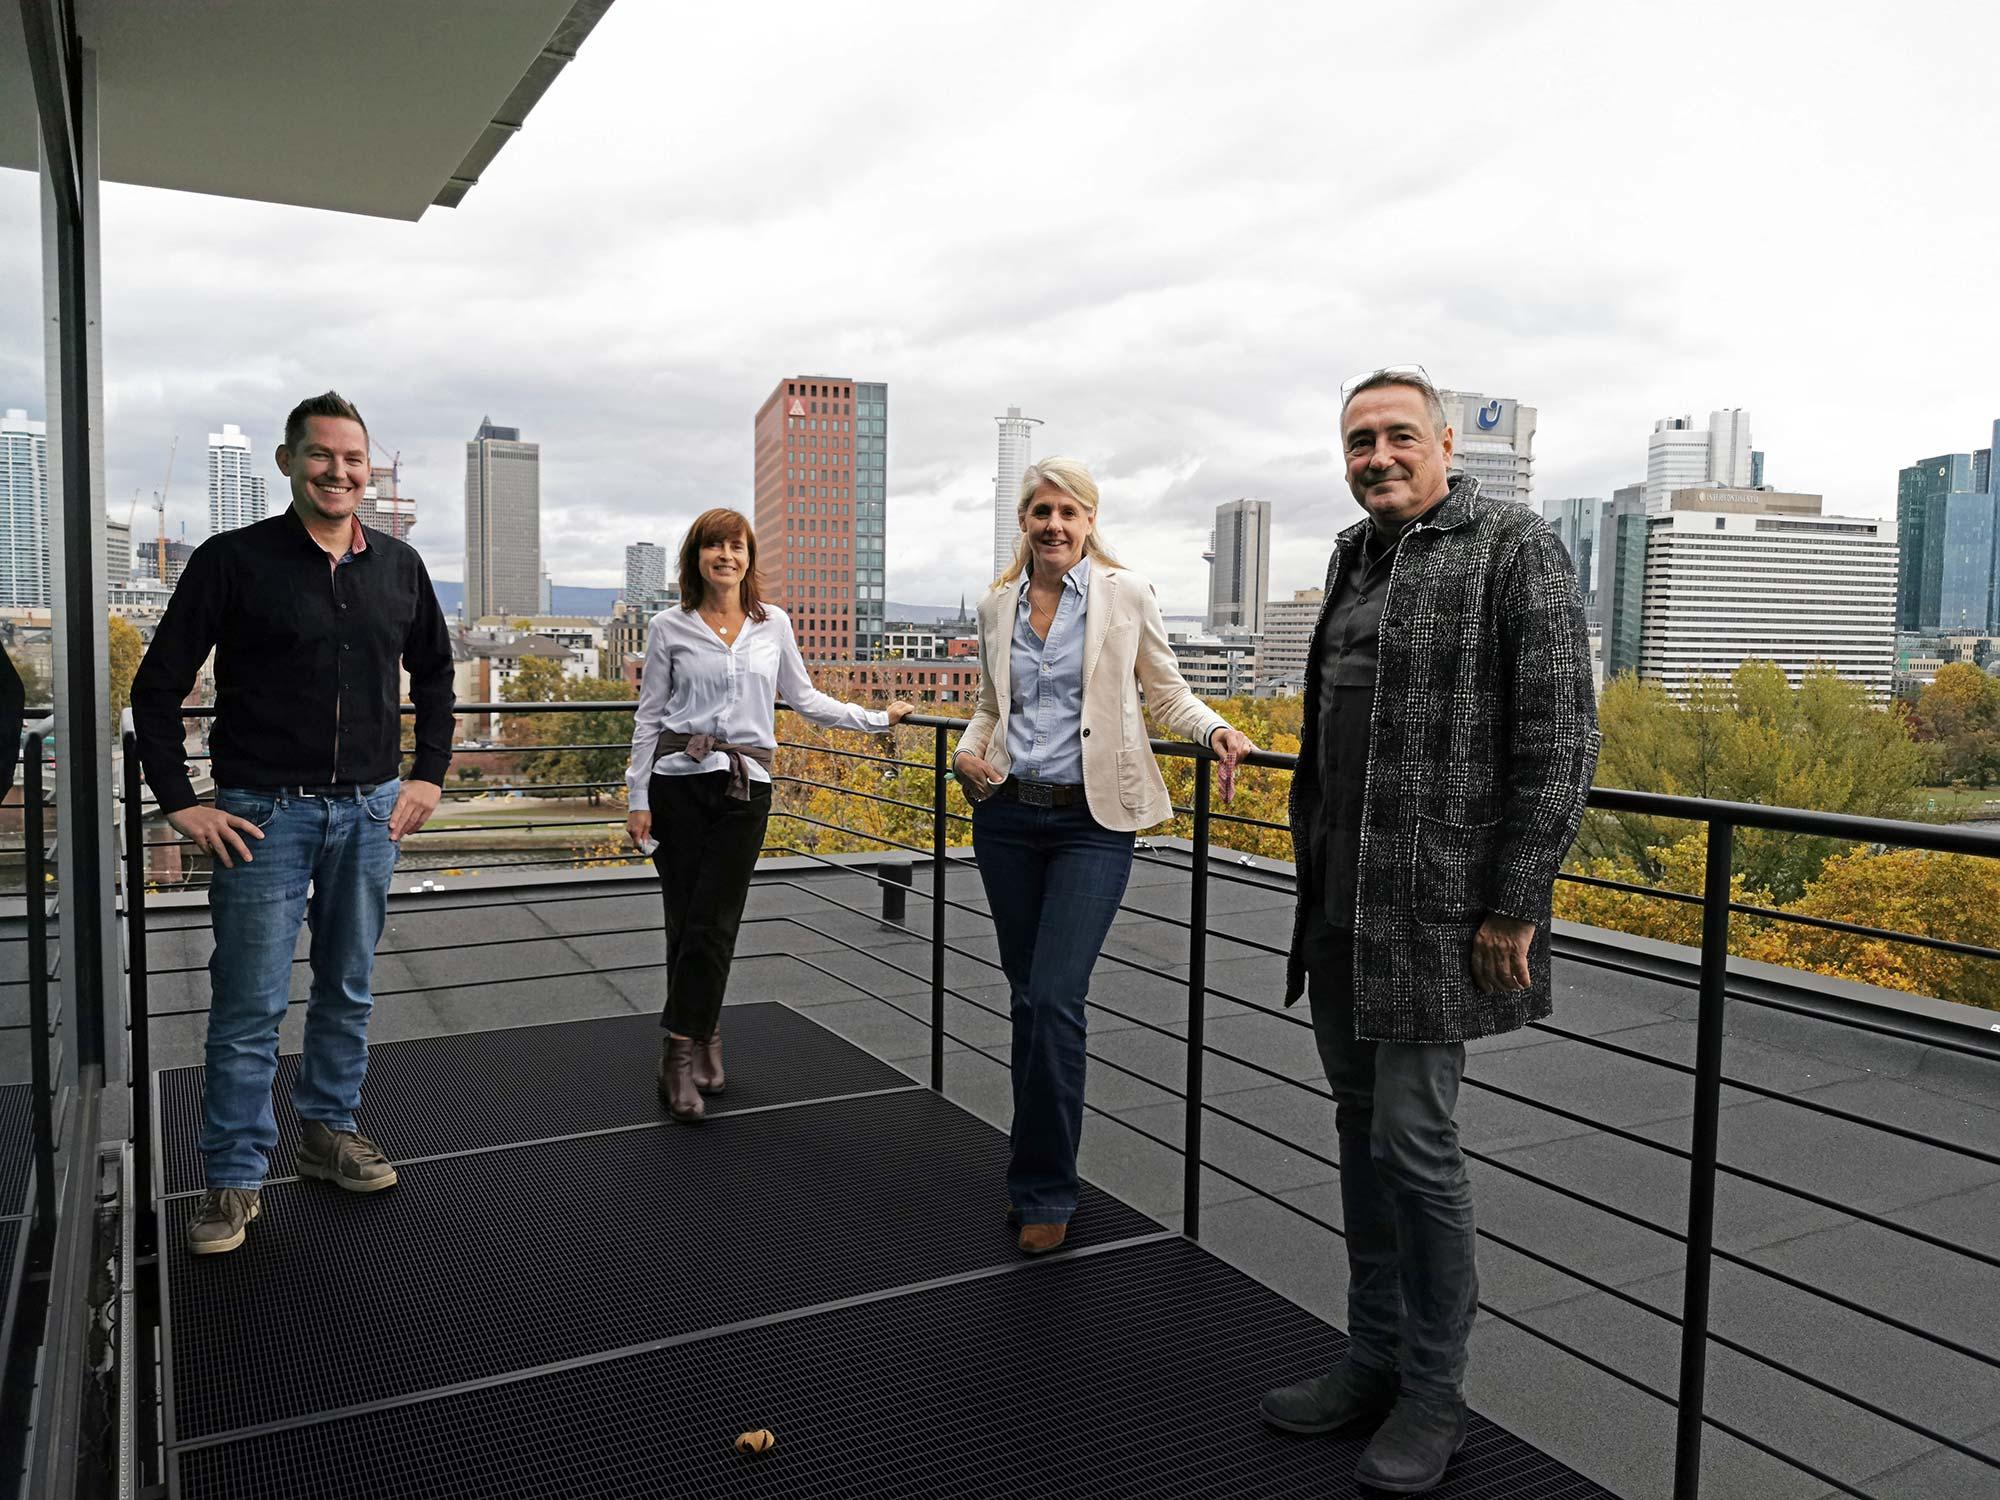 Support und Filmcrew: Danke an MÄCKLERARCHITEKTEN für die tolle Unterstützung! Von links nach rechts: Michael Wutzke - Ellen Denk - Caroline Mohler - Thomas Gessner